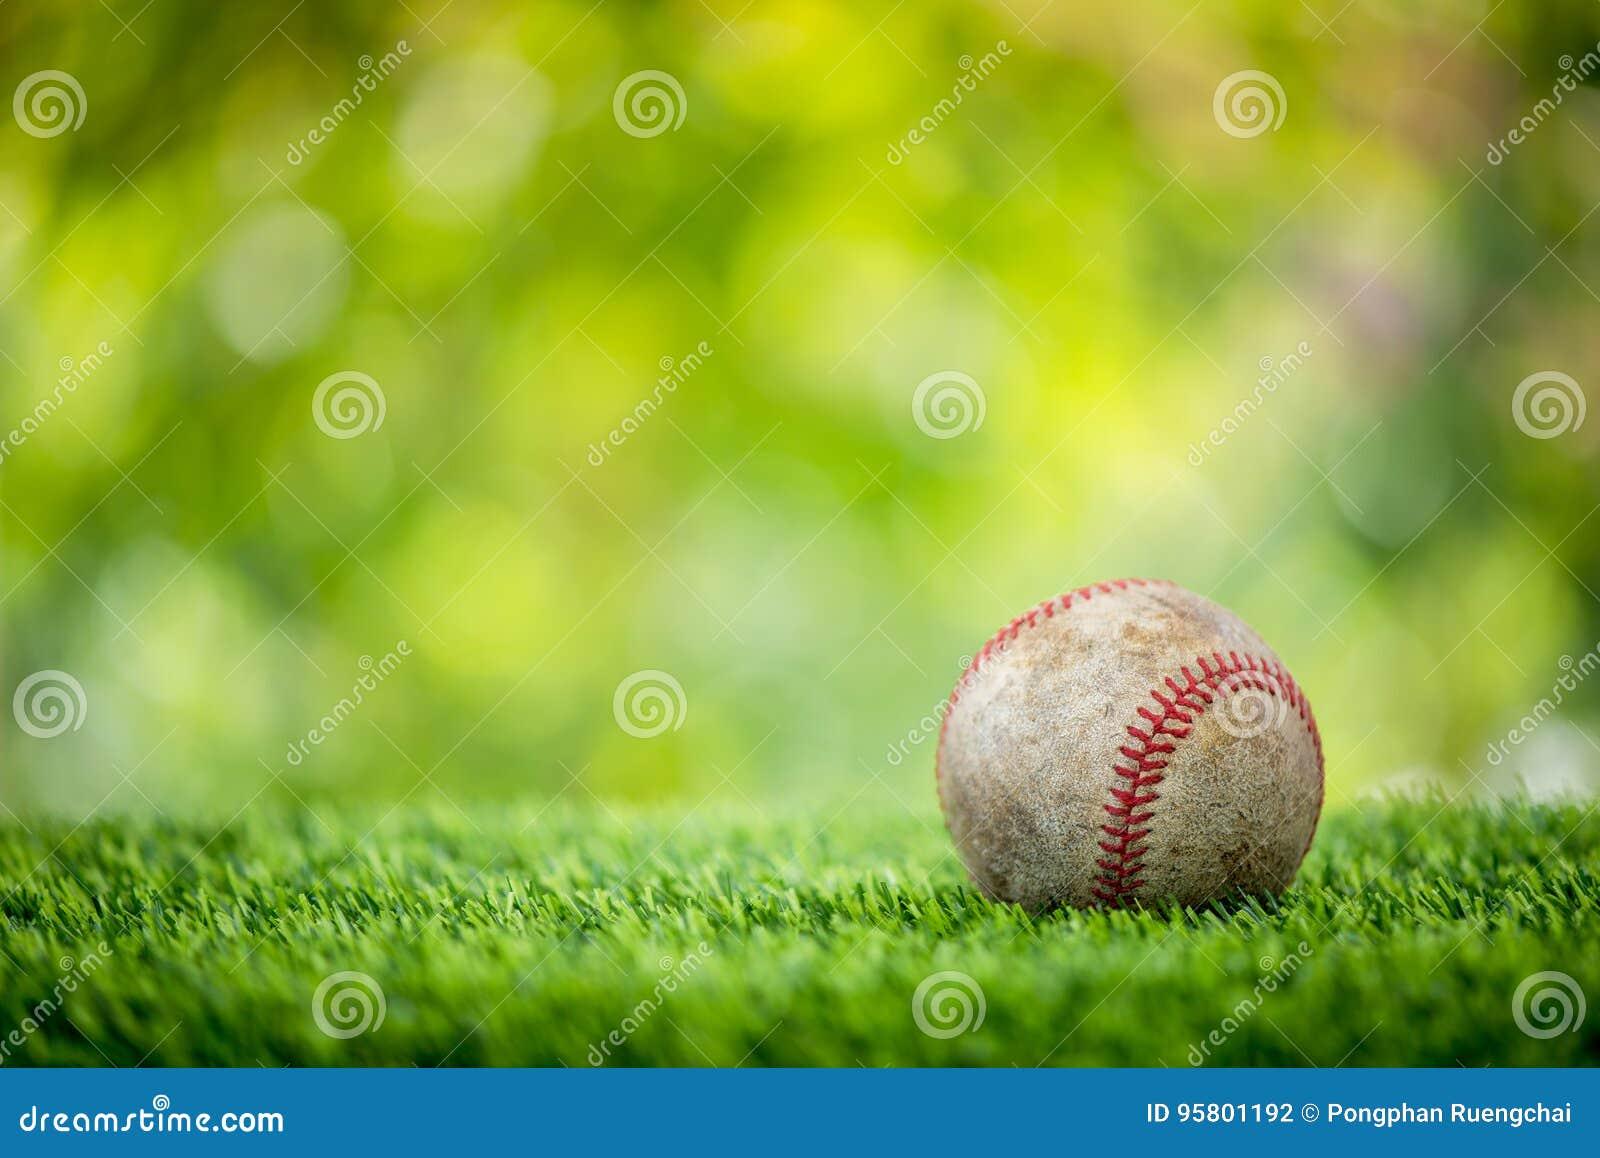 Béisbol en hierba